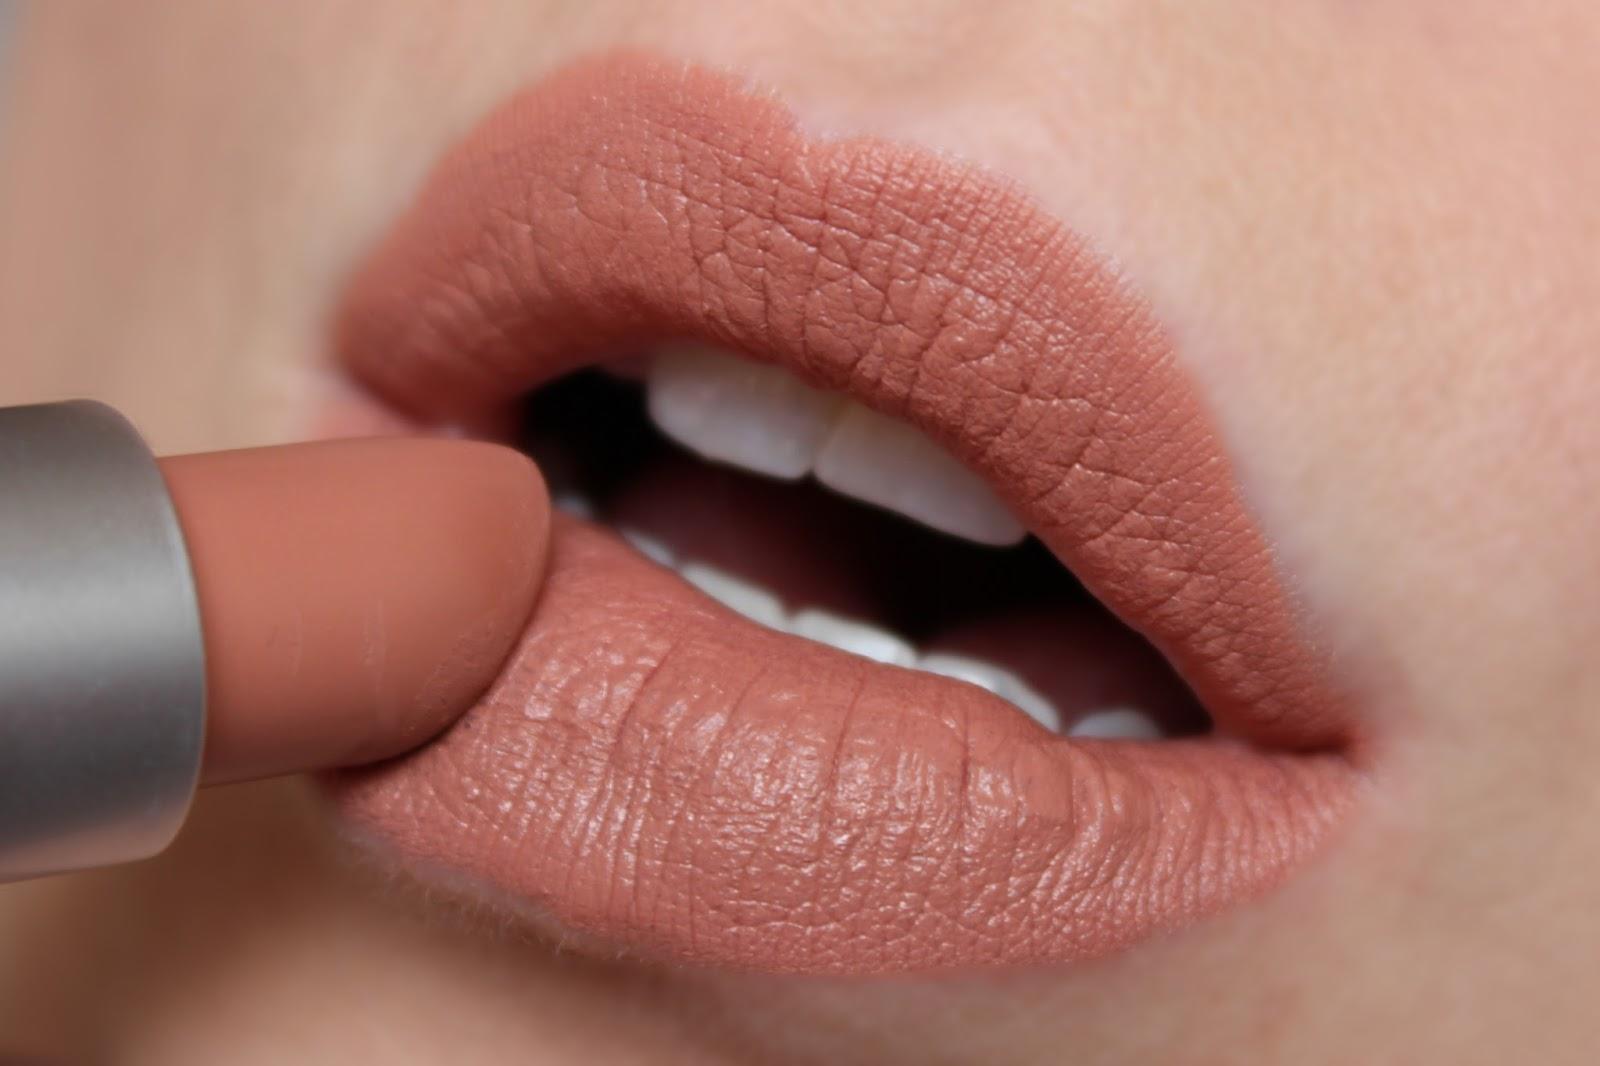 Nude Lipsticks From MAC - MAC Honeylove ©britishbeautyaddict